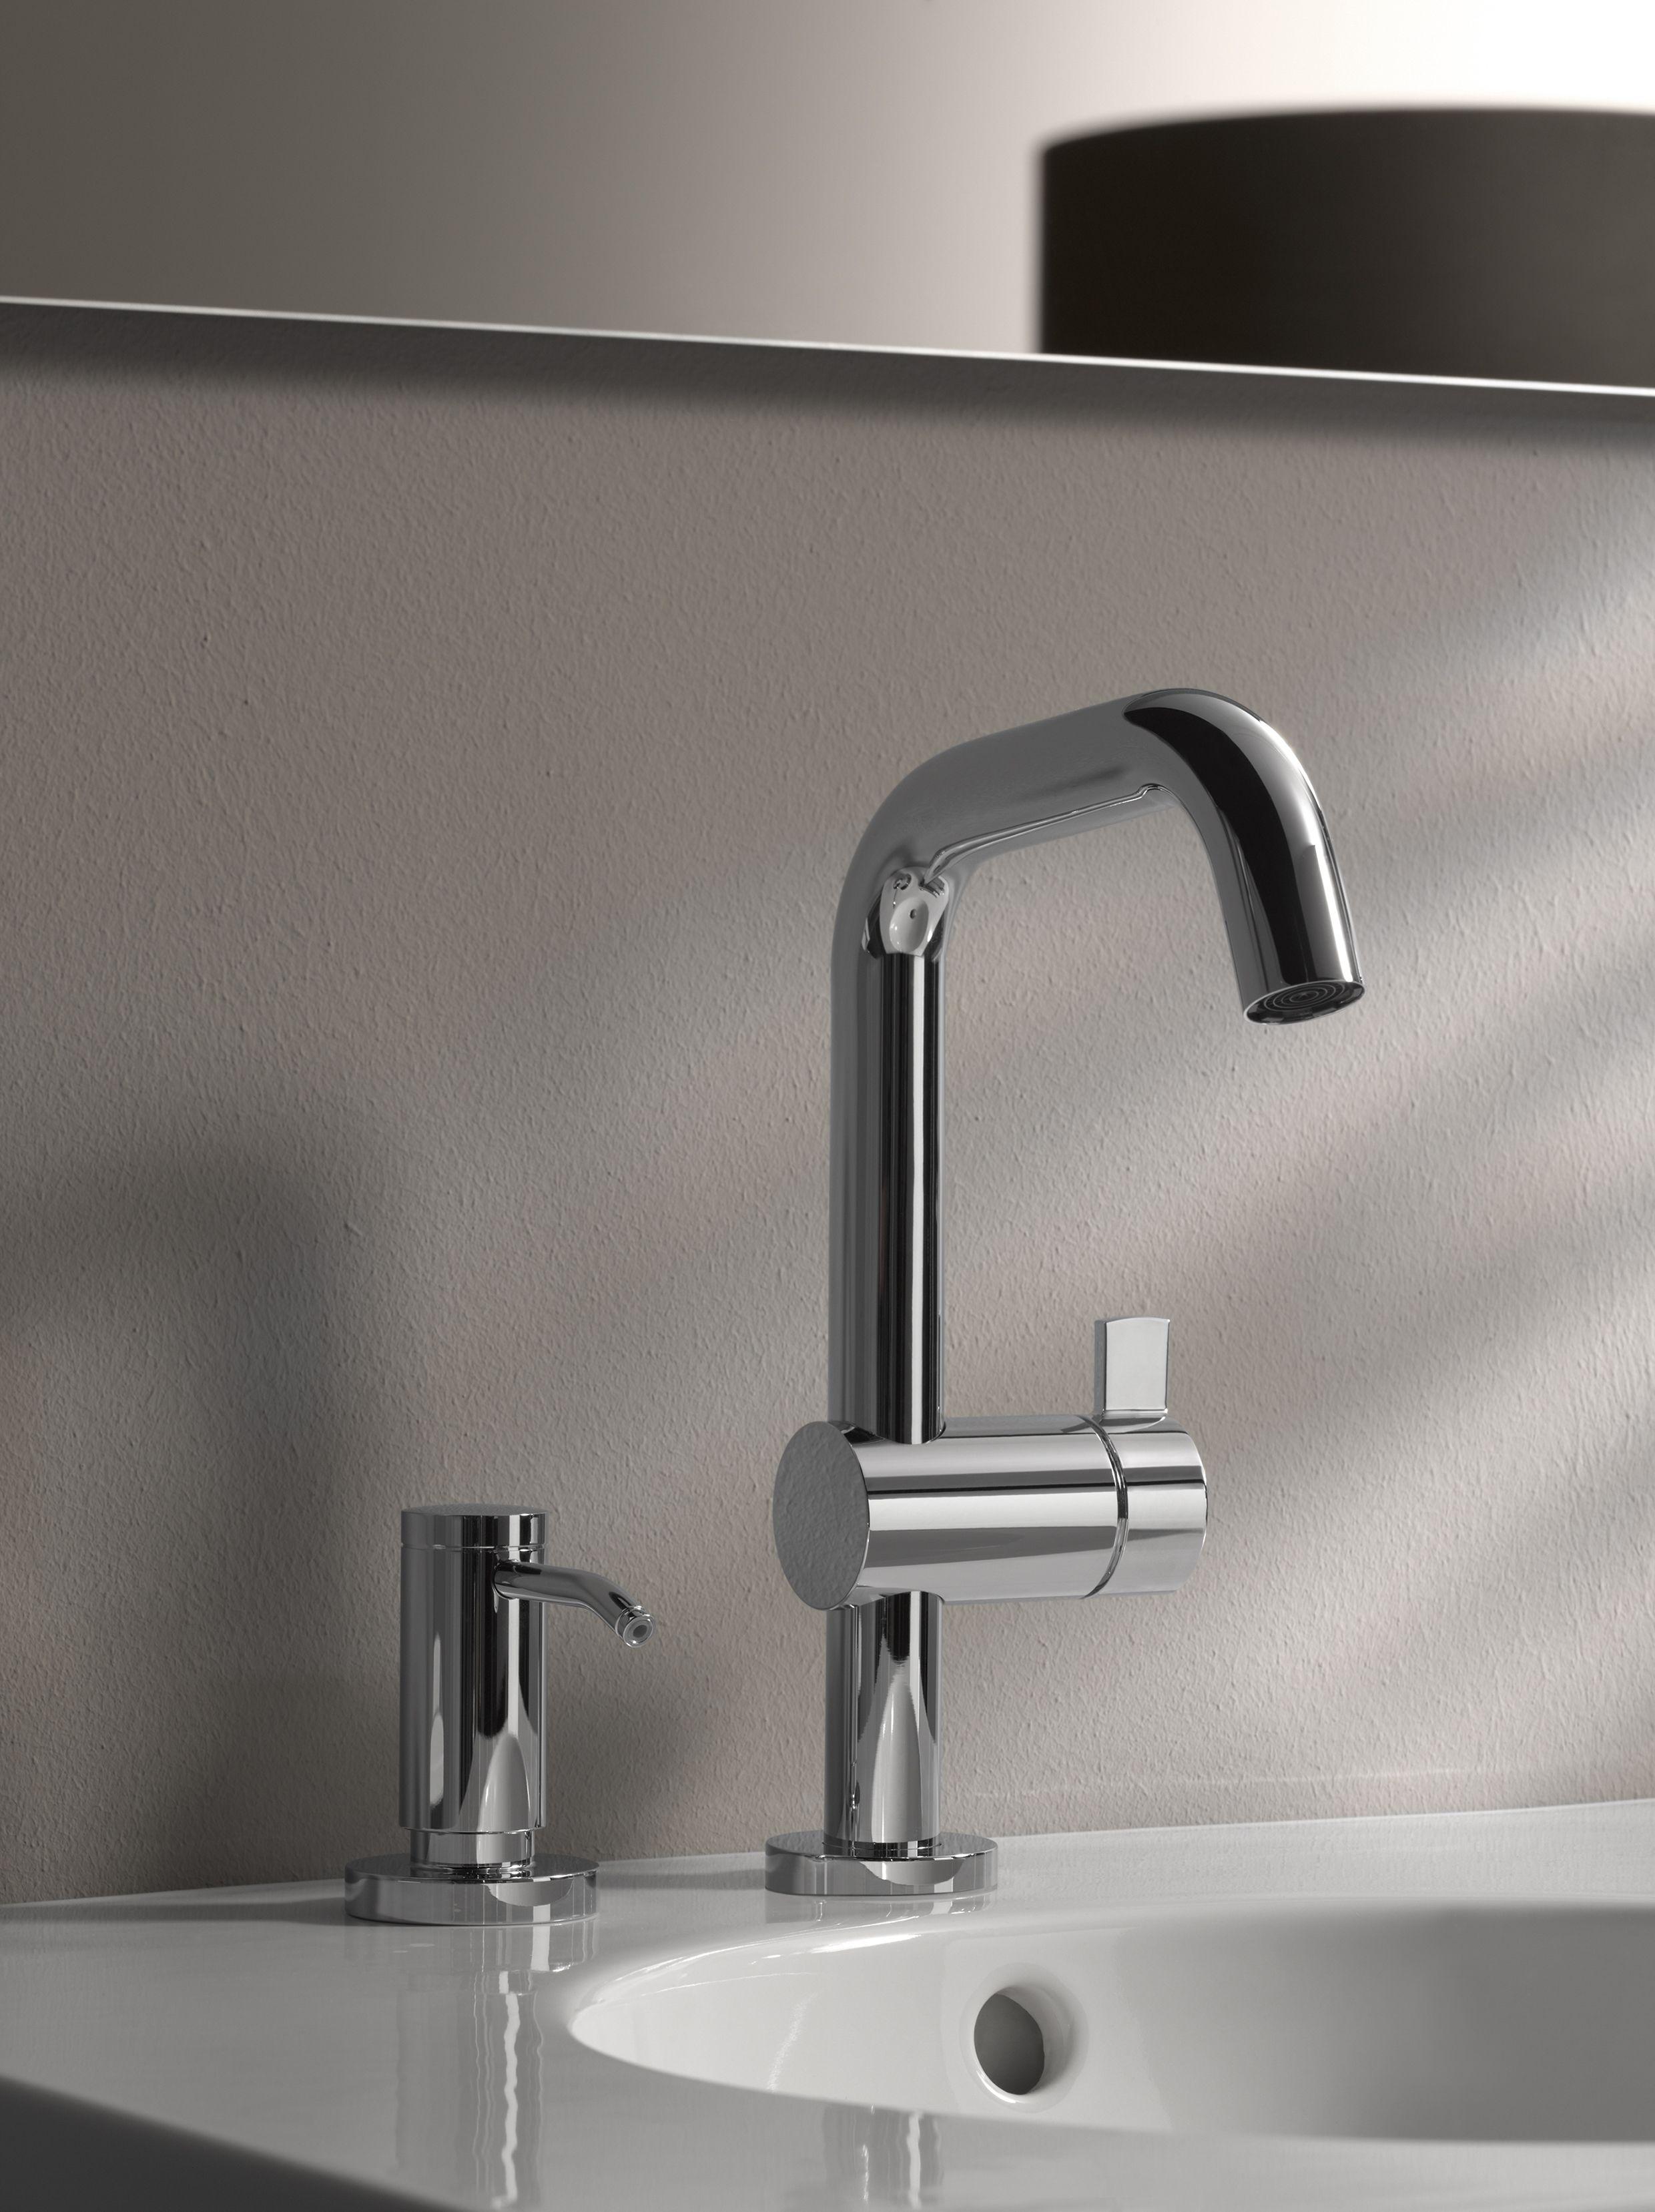 Keuco Plan Blue Keuco Architecture Design Spiegelschrank Waschtisch Badezimmer